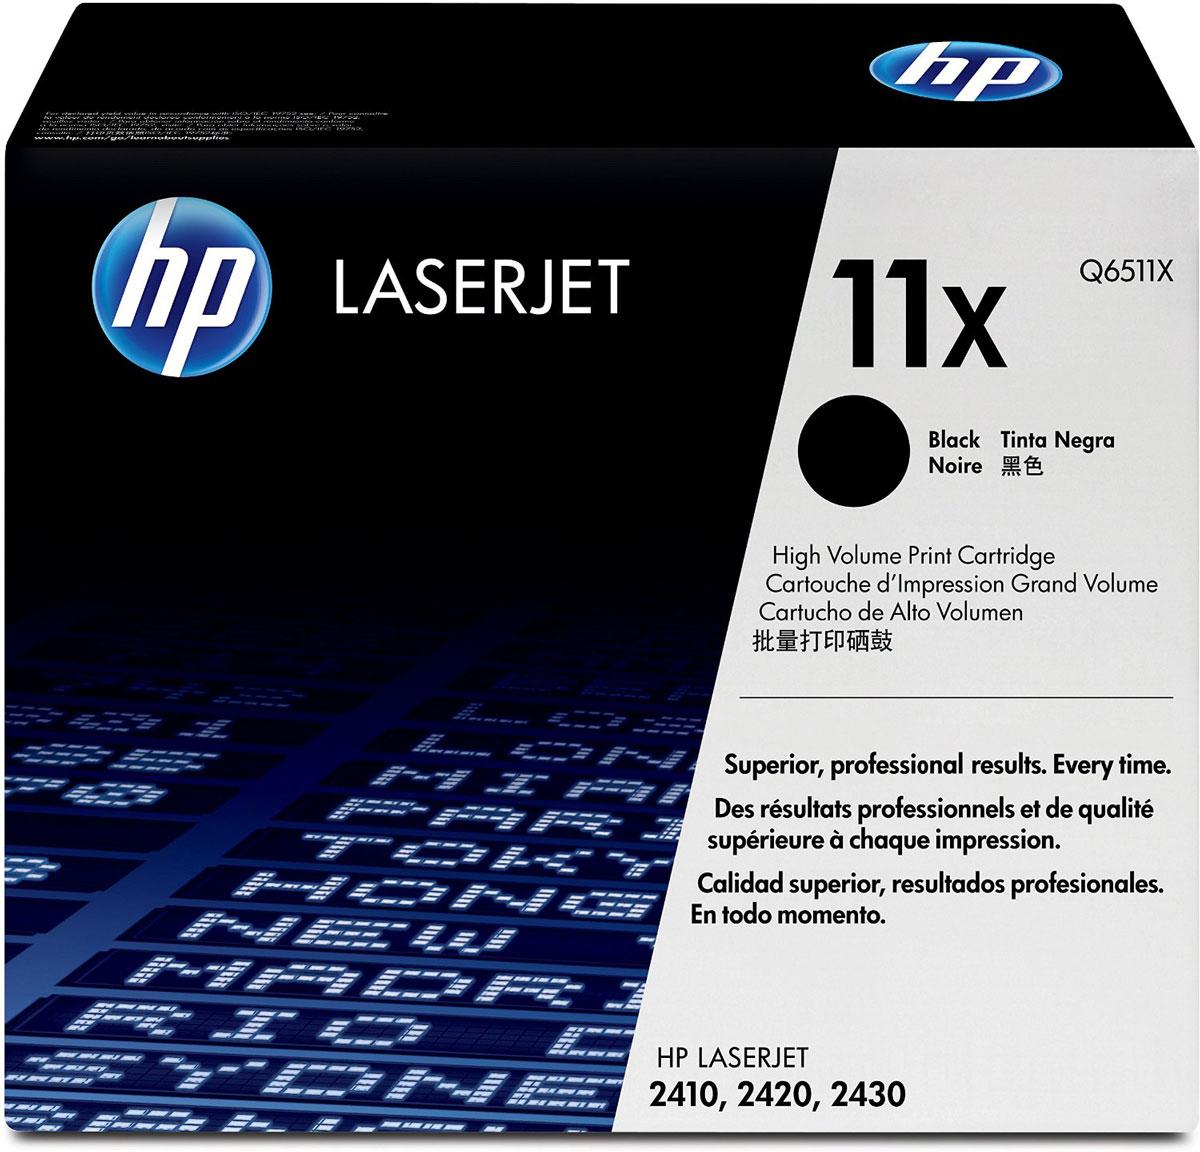 HP Q6511X (11X), Black тонер-картридж для LaserJet 2410/2420/2430Q6511XКартриджи HP Q6511X (11X) обеспечивает бесперебойную печать. Оригинальные картриджи HP с оригинальным тонером HP гарантируют качественное выполнение задач печати в офисе. Добейтесь превосходного качества черно-белой печати для повседневных нужд. Это недорогое и производительное решение отлично подойдет для печати отчетов, счетов, таблиц и других повседневных документов. Конструкция оригинальных картриджей LaserJet и уникальная формула тонера HP гарантируют неизменно высокое качество печати на протяжении всего срока службы картриджа. Конструкция расходных материалов обеспечивает стабильные показатели ресурса при смене картриджа.